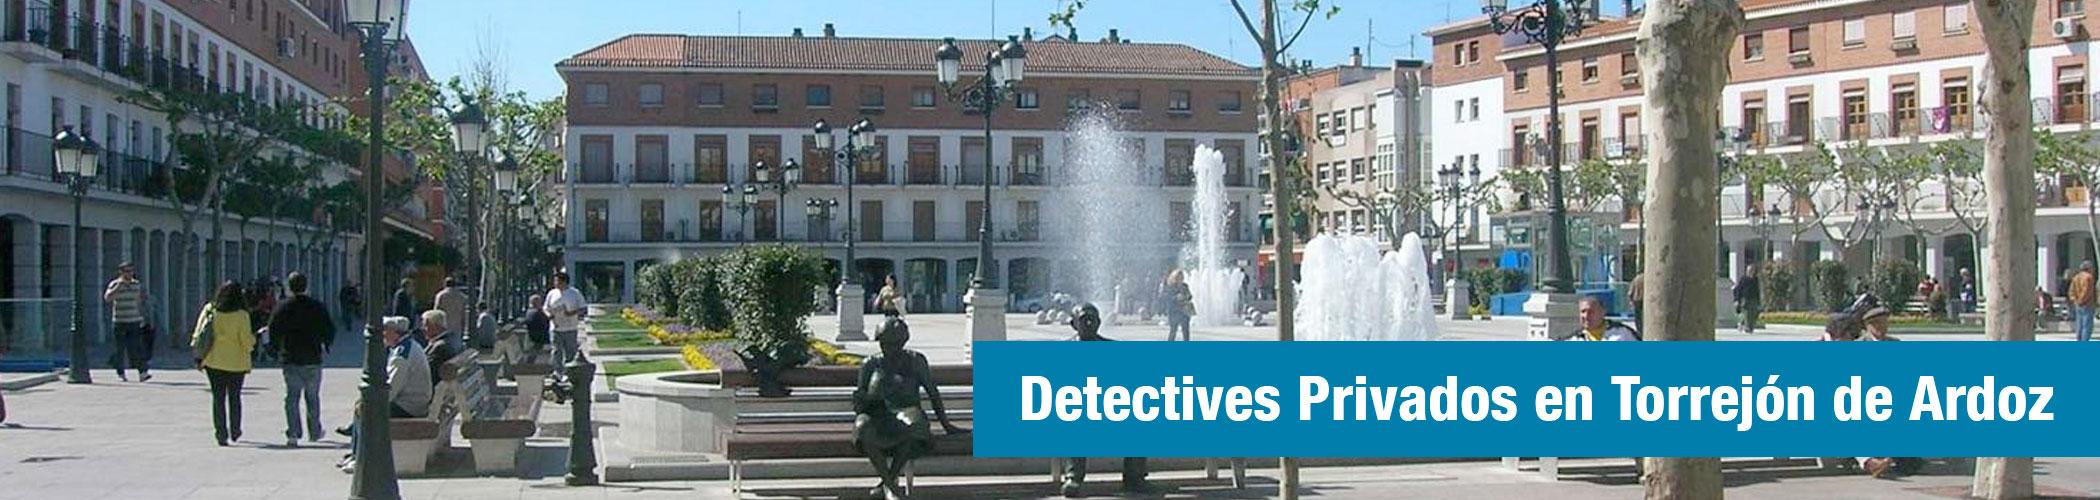 Detectives en torrejon ardoz